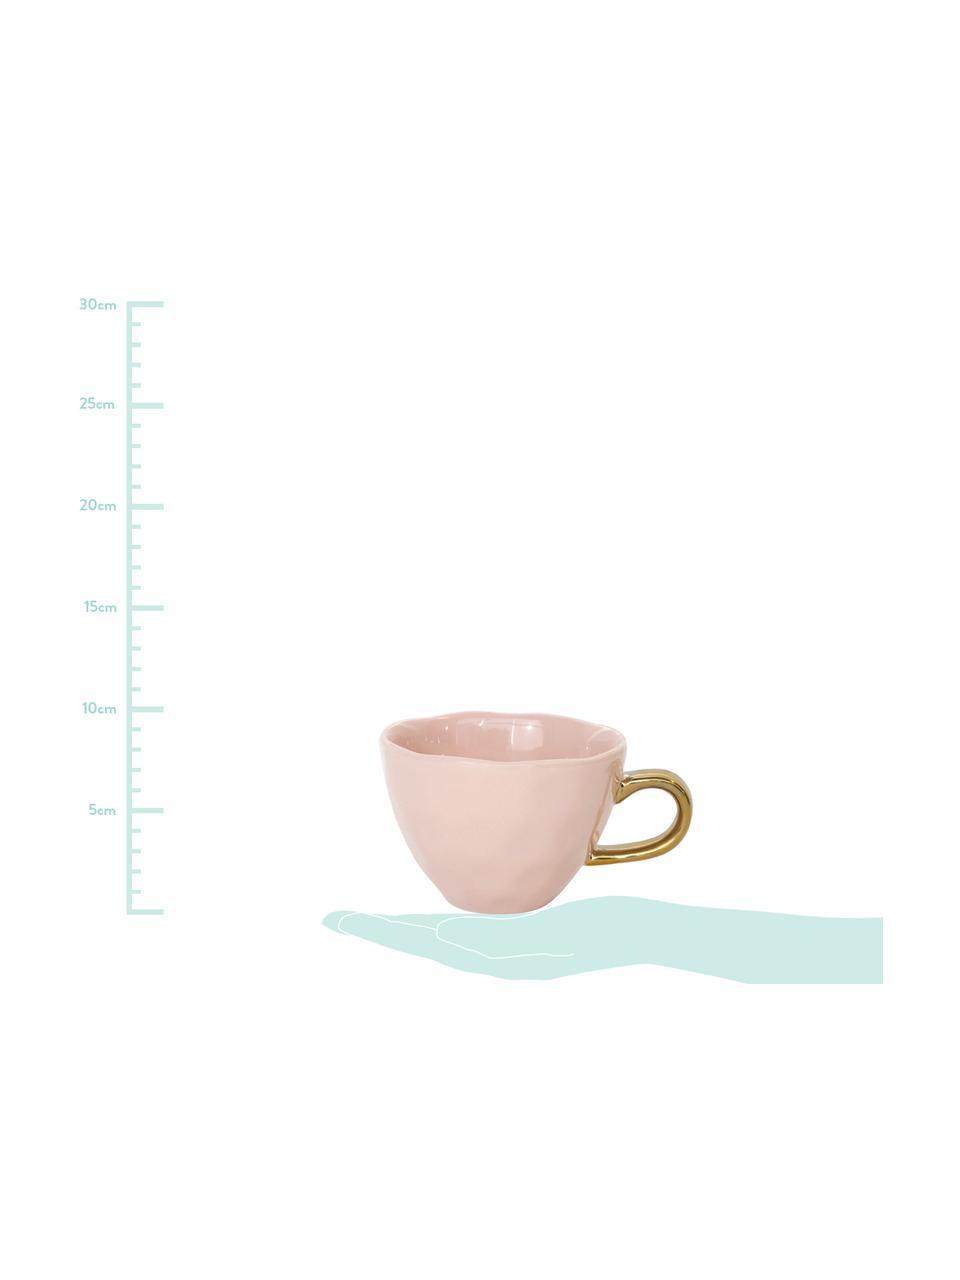 Tazza rosa con manico dorato Good Morning, Terracotta, Rosa, dorato, Ø 11 x Alt. 8 cm